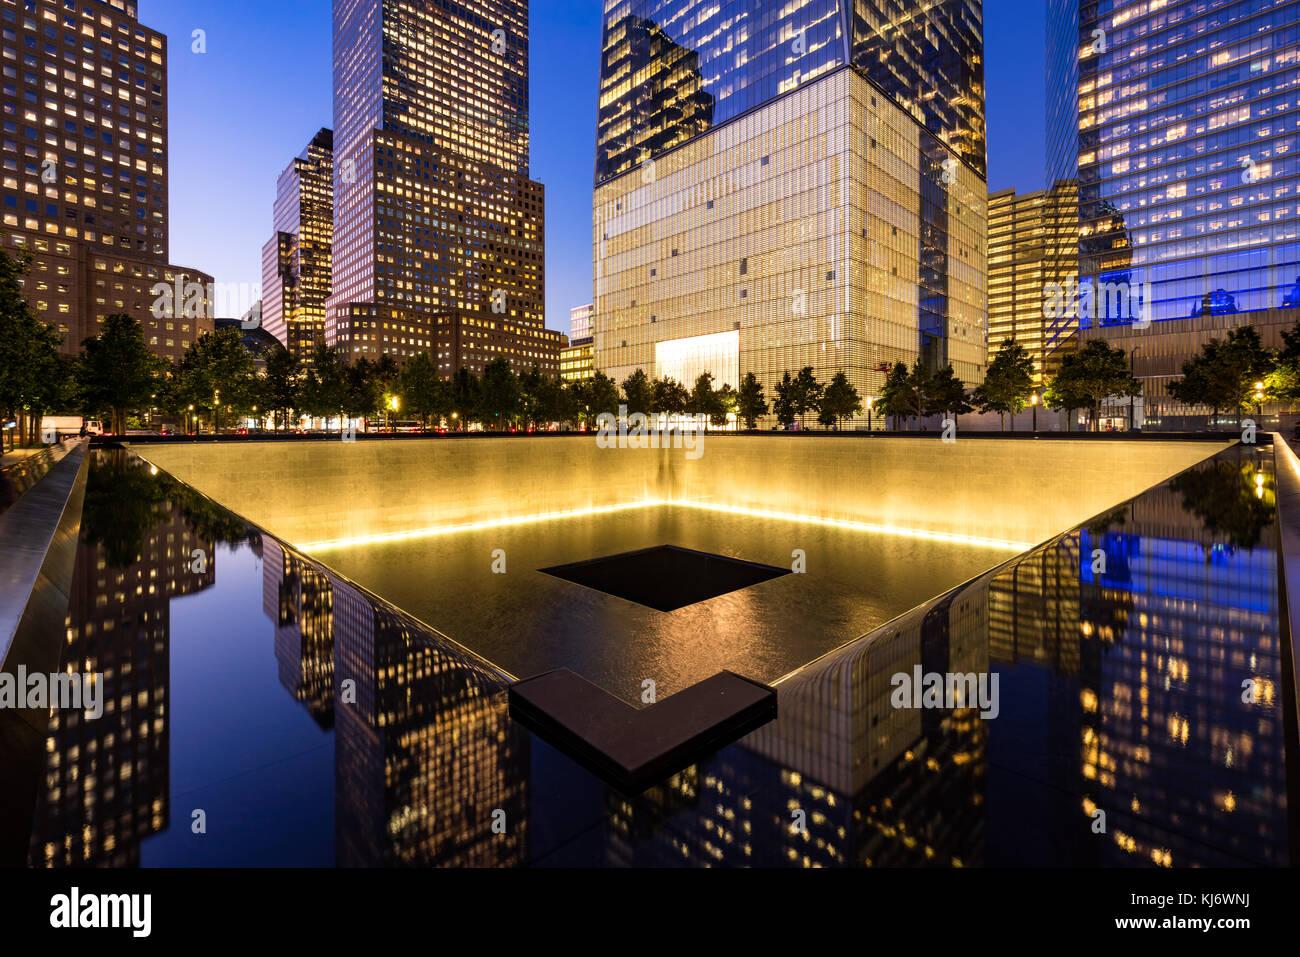 Im Norden einen reflektierenden Pool bei Dämmerung mit Blick auf das One World Trade Center beleuchtet. Lower Stockbild